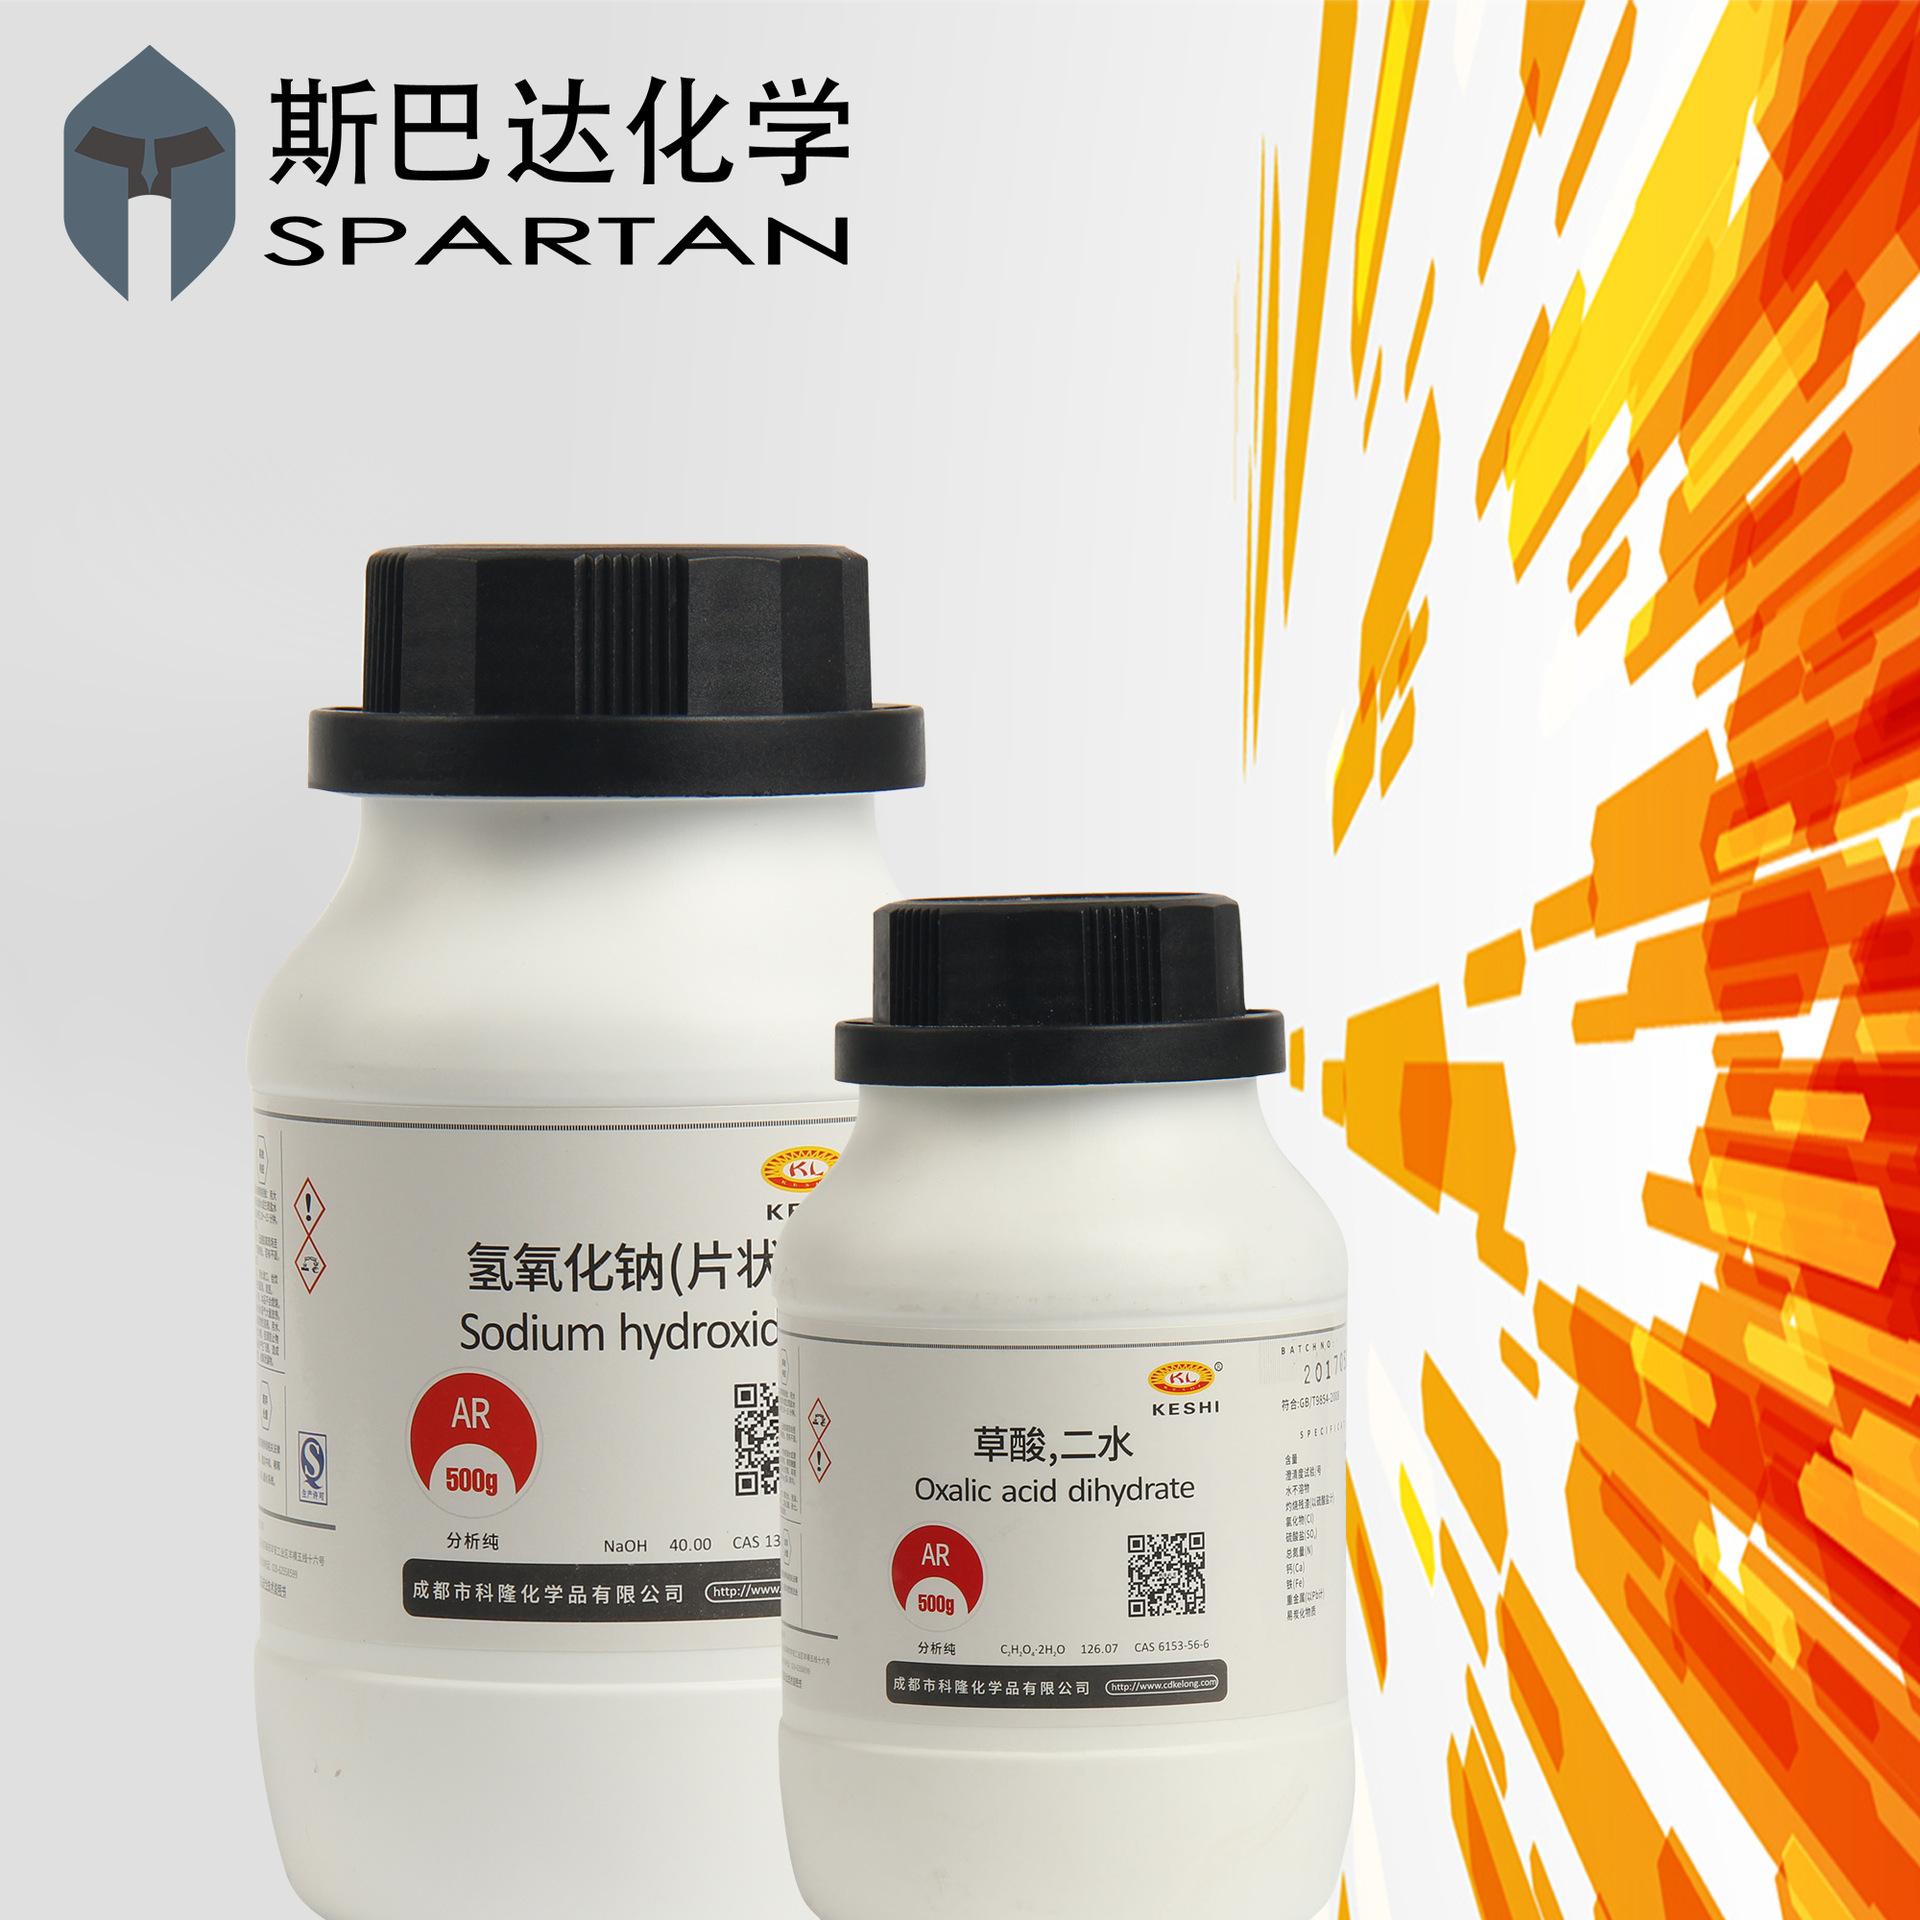 Spartan Chemical (Đông Quan) Phân tích các thuốc thử hóa học khác nhau, loại tuyệt vời, độ tinh khiế